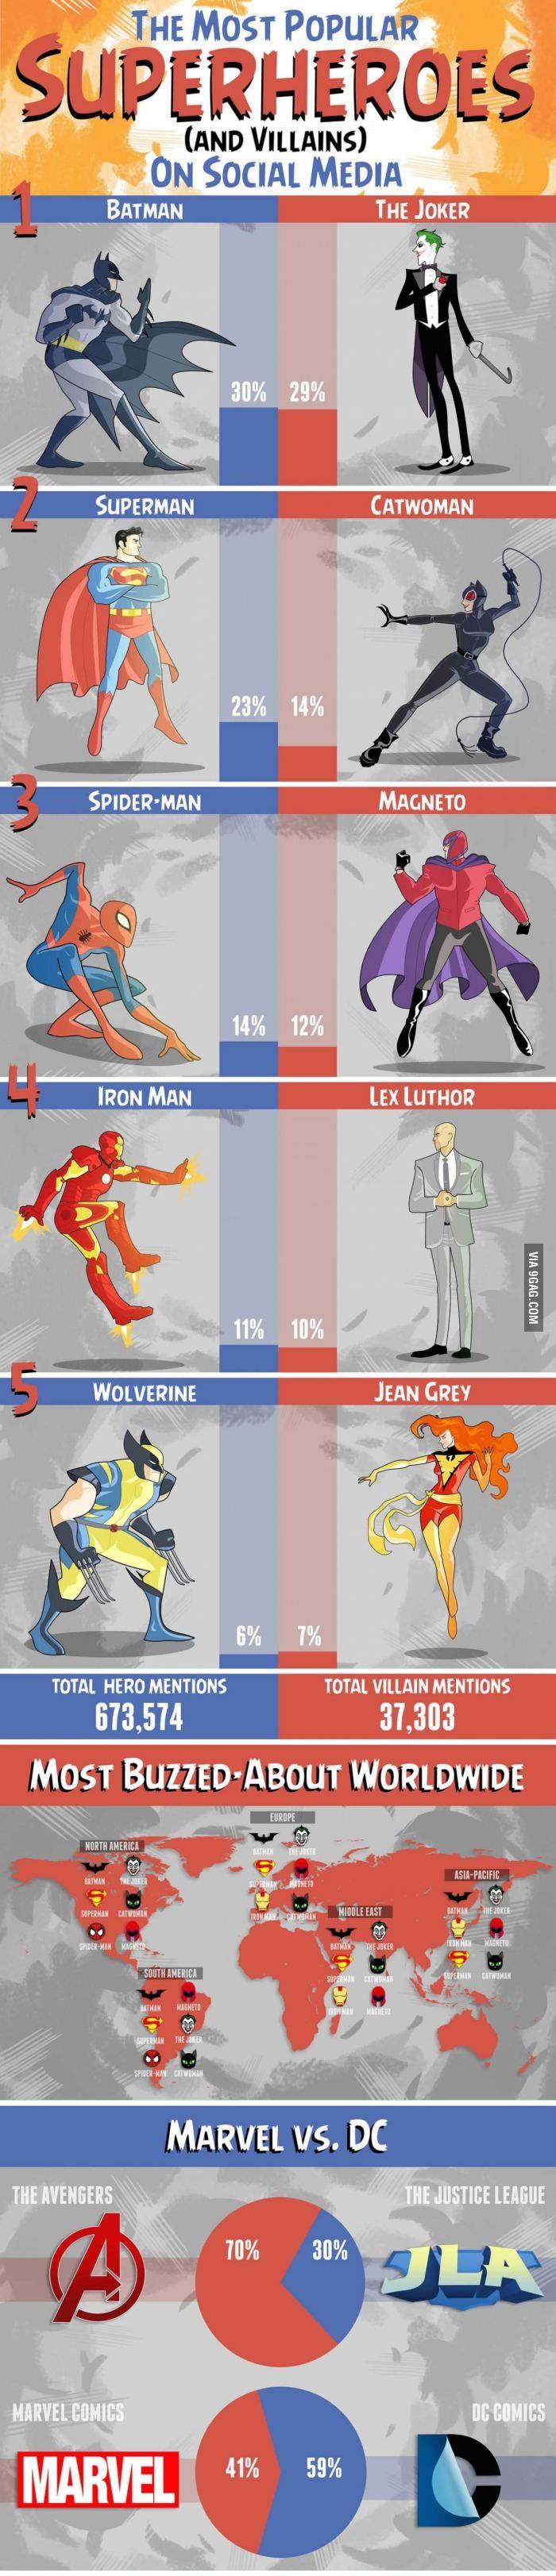 Marvel vs DC ...#MarvelBoy